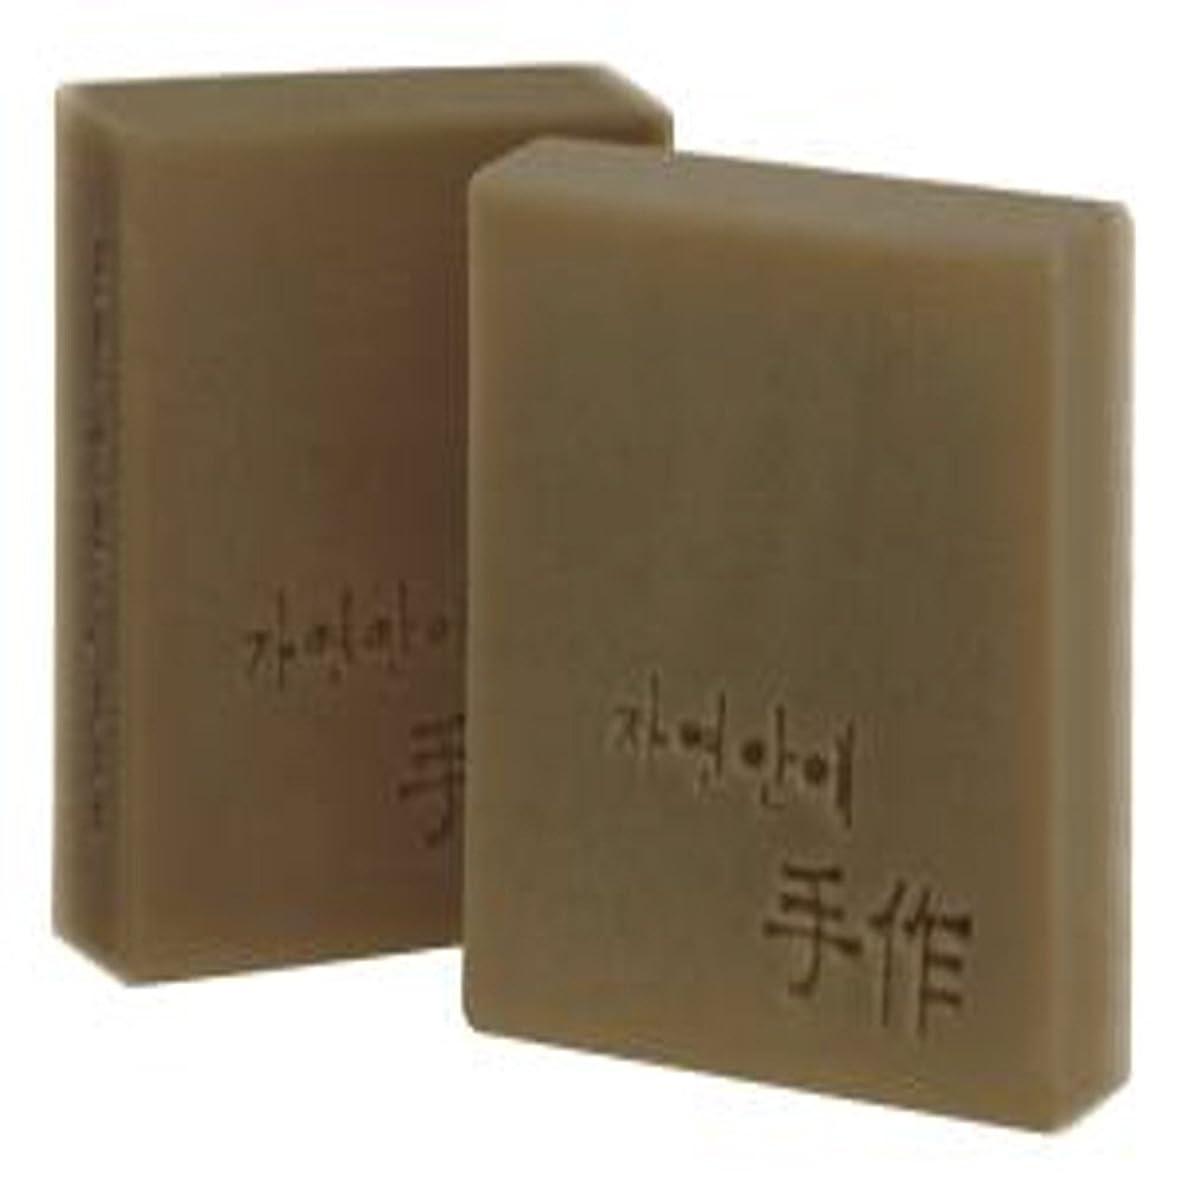 飛行場クロール調べるNatural organic 有機天然ソープ 固形 無添加 洗顔せっけんクレンジング 石鹸 [並行輸入品] (猶子)